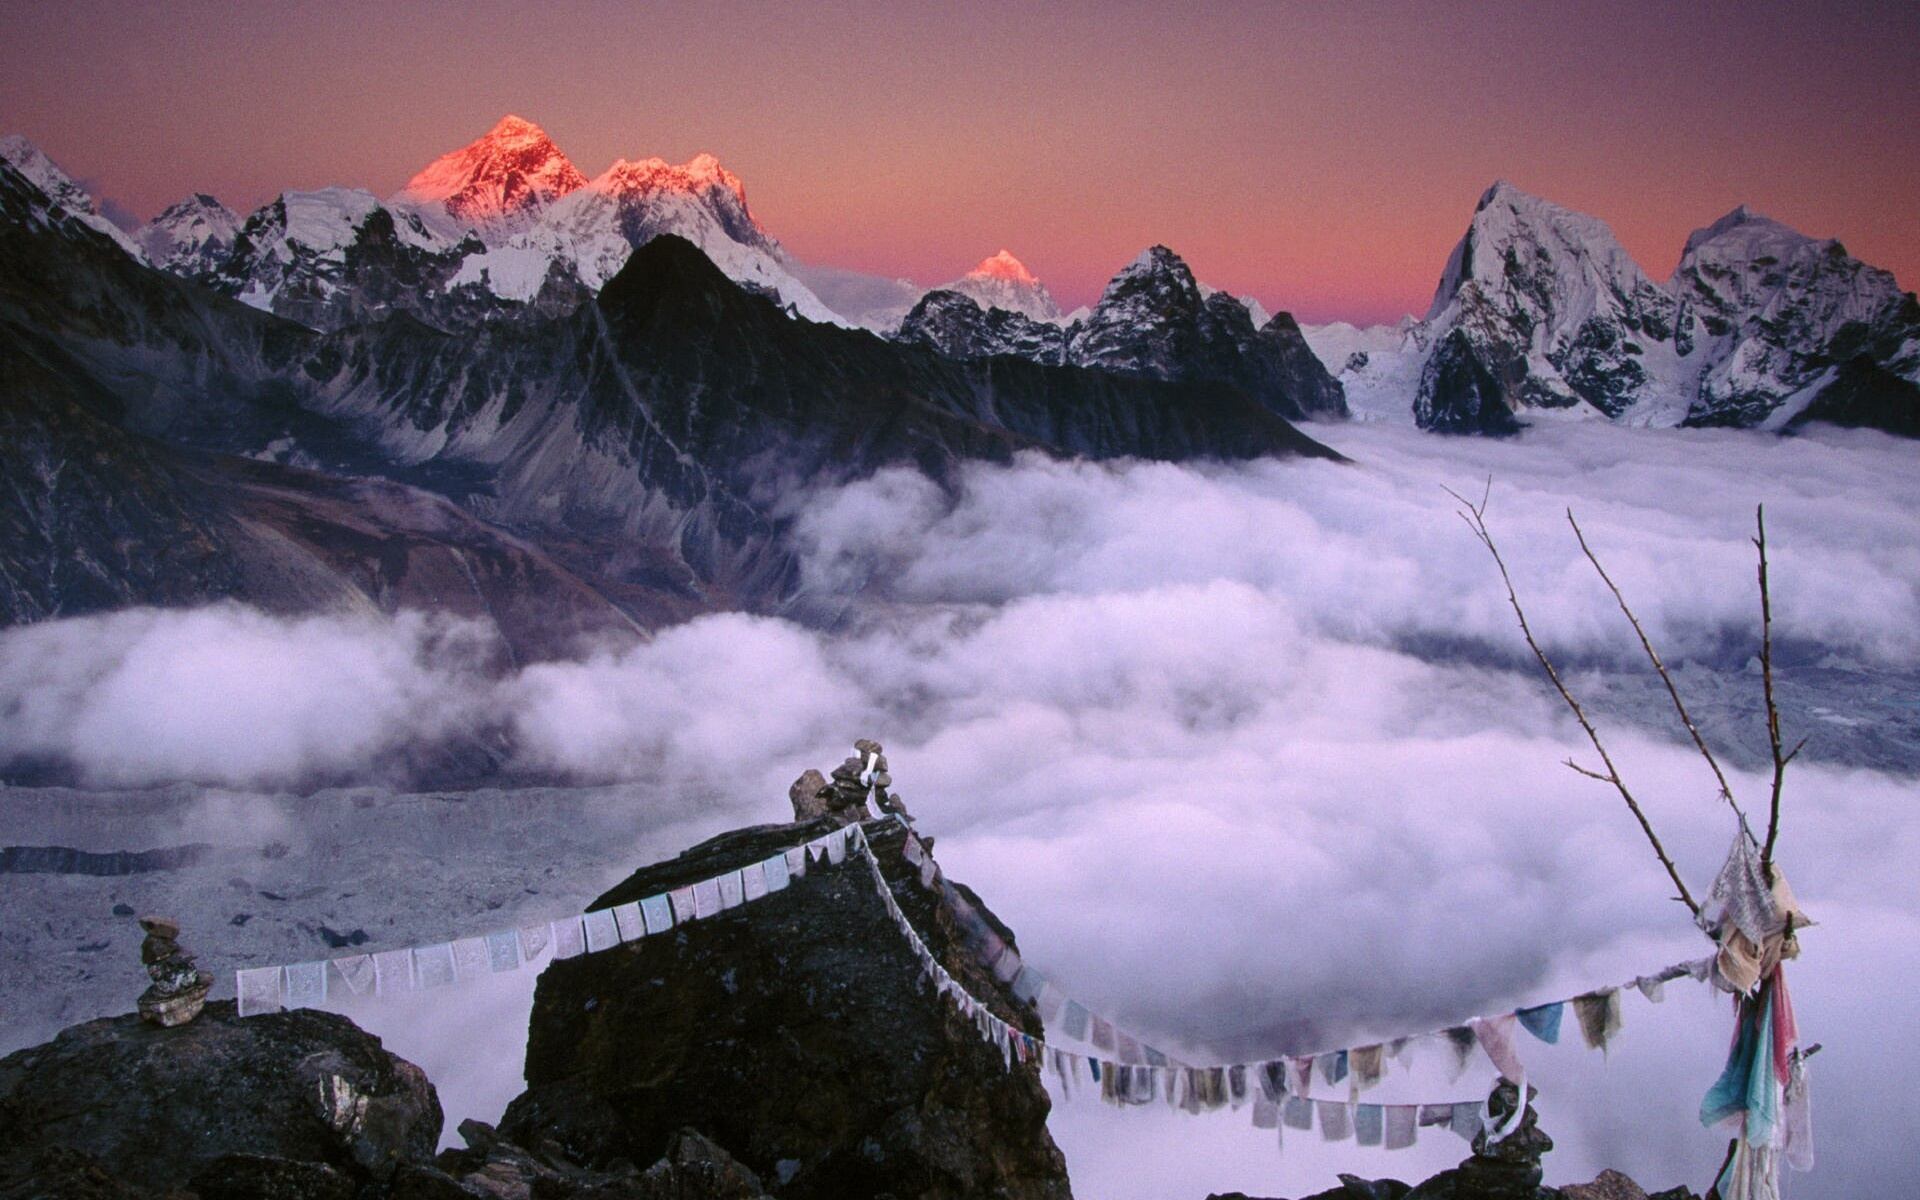 Fonds dcran Himalaya tous les wallpapers Himalaya 1920x1200